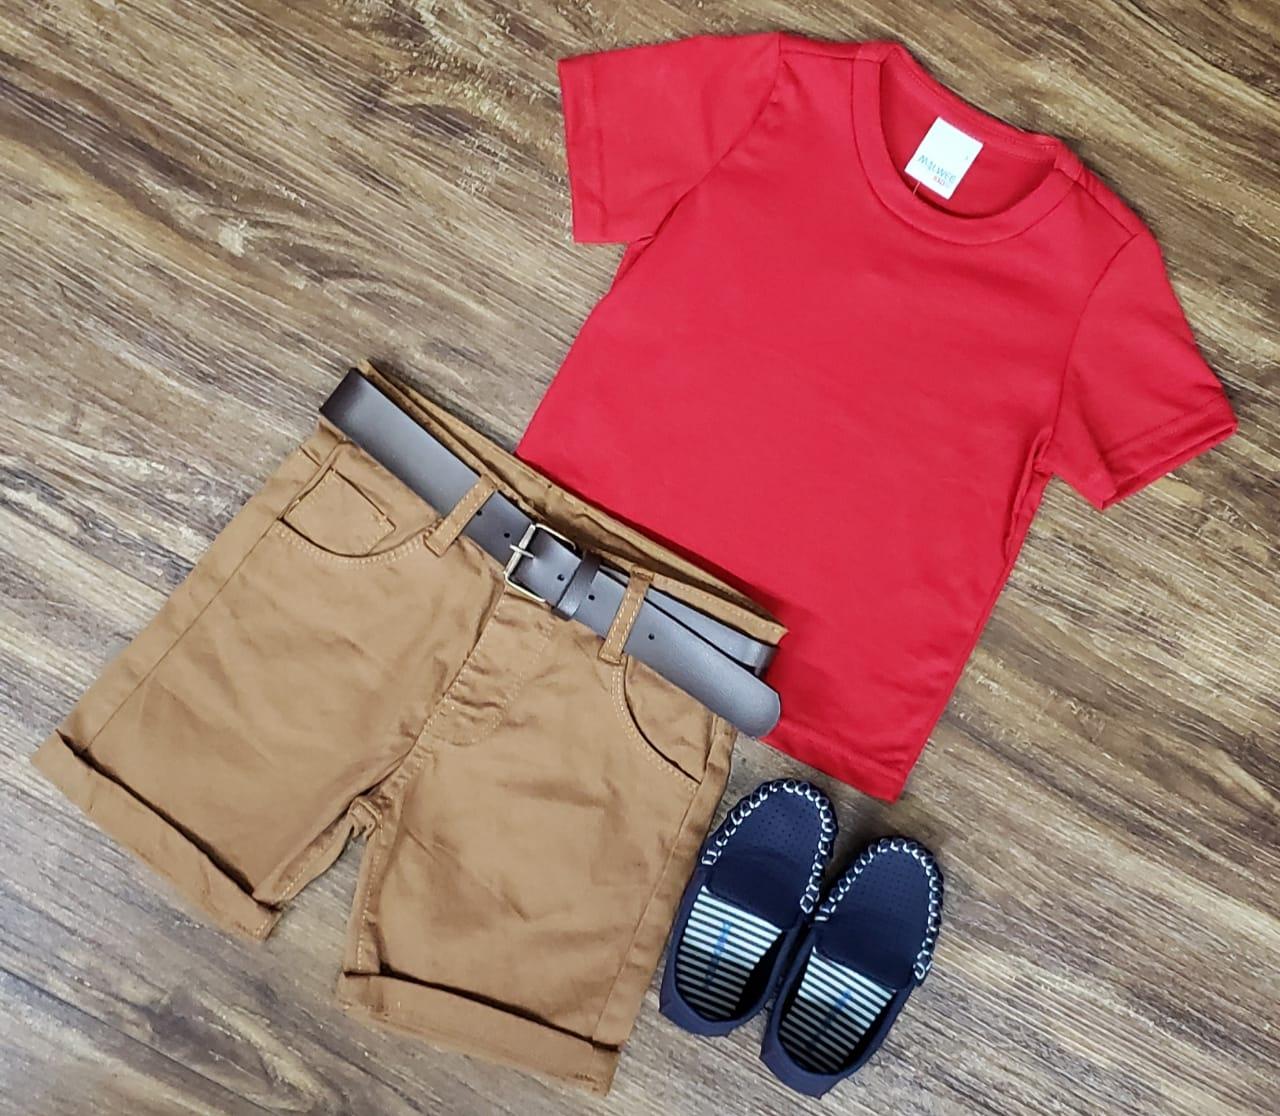 Bermuda Marrom com Camiseta Vermelha